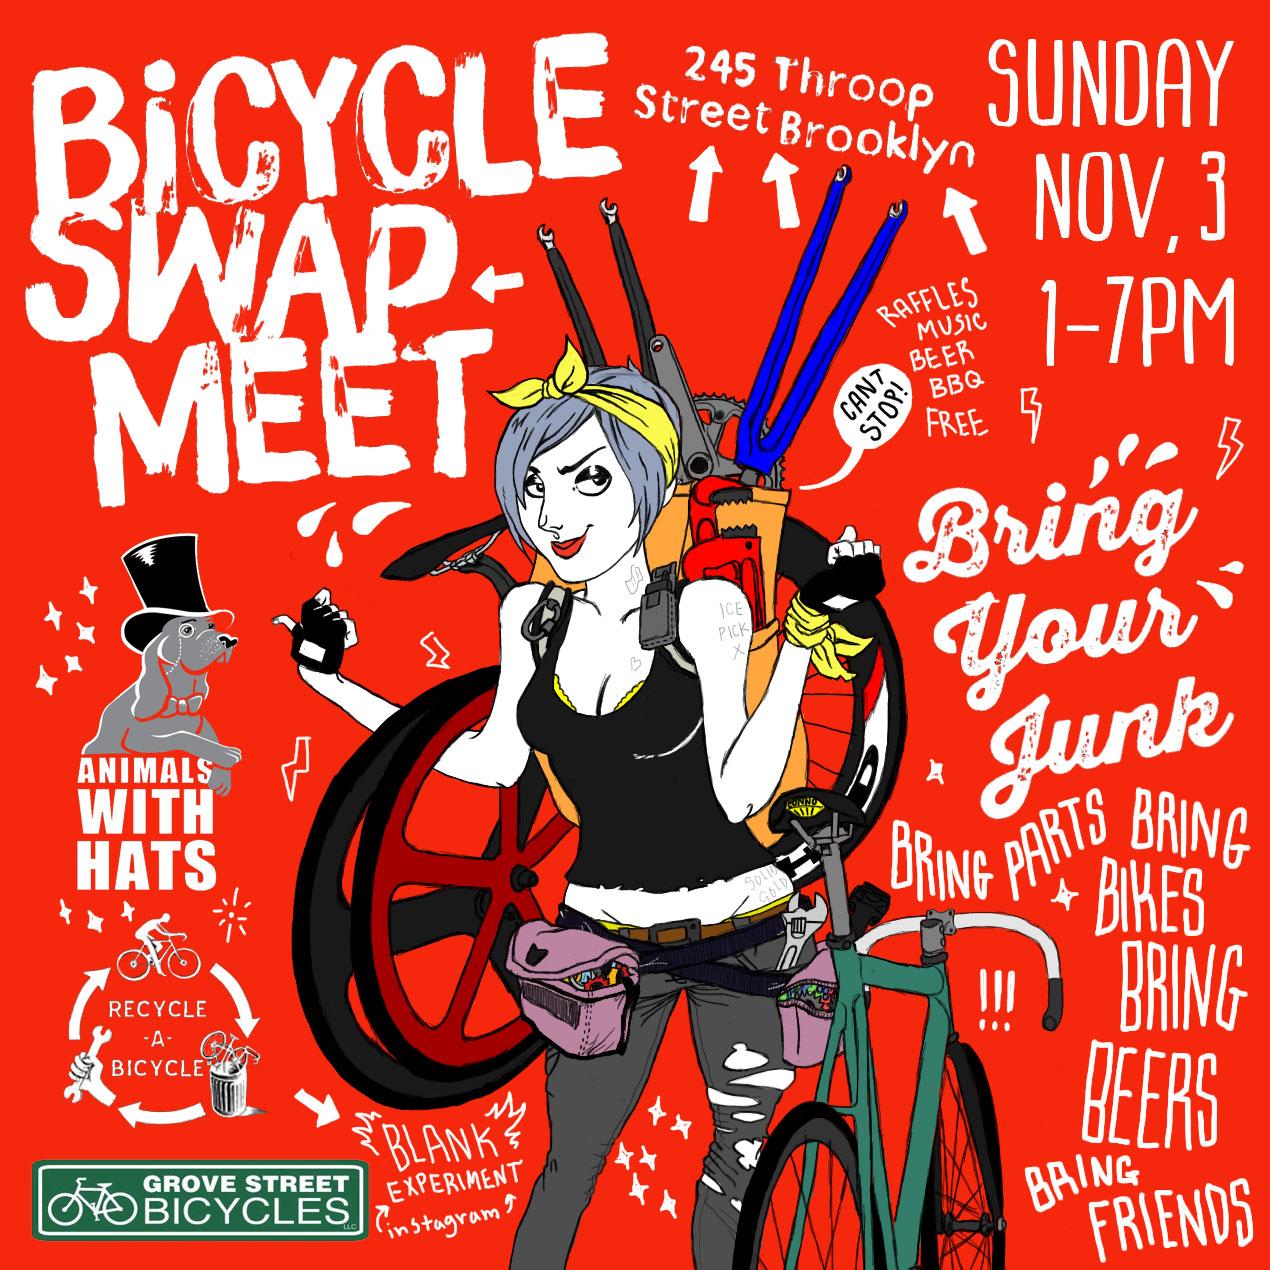 Bicycle Swap Meet Flyer.jpg